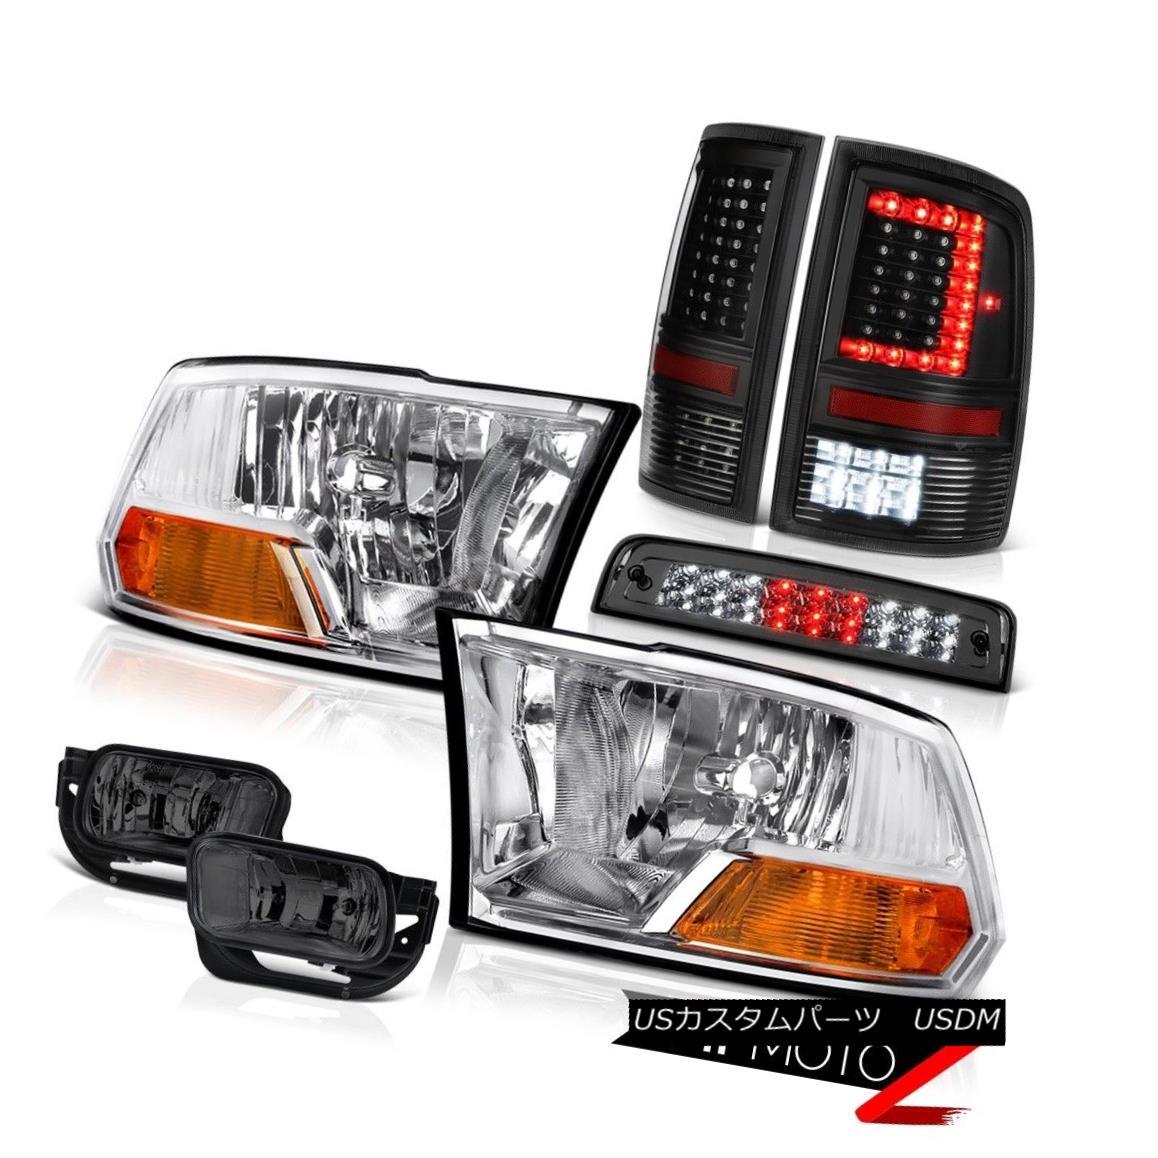 テールライト 09-11 12 13 Dodge RAM 1500 2500 3500 Tail Light Fog Brake Factory Style Headlamp 09-11 12 13ダッジRAM 1500 2500 3500テールライトフォグブレーキ工場スタイルヘッドライト